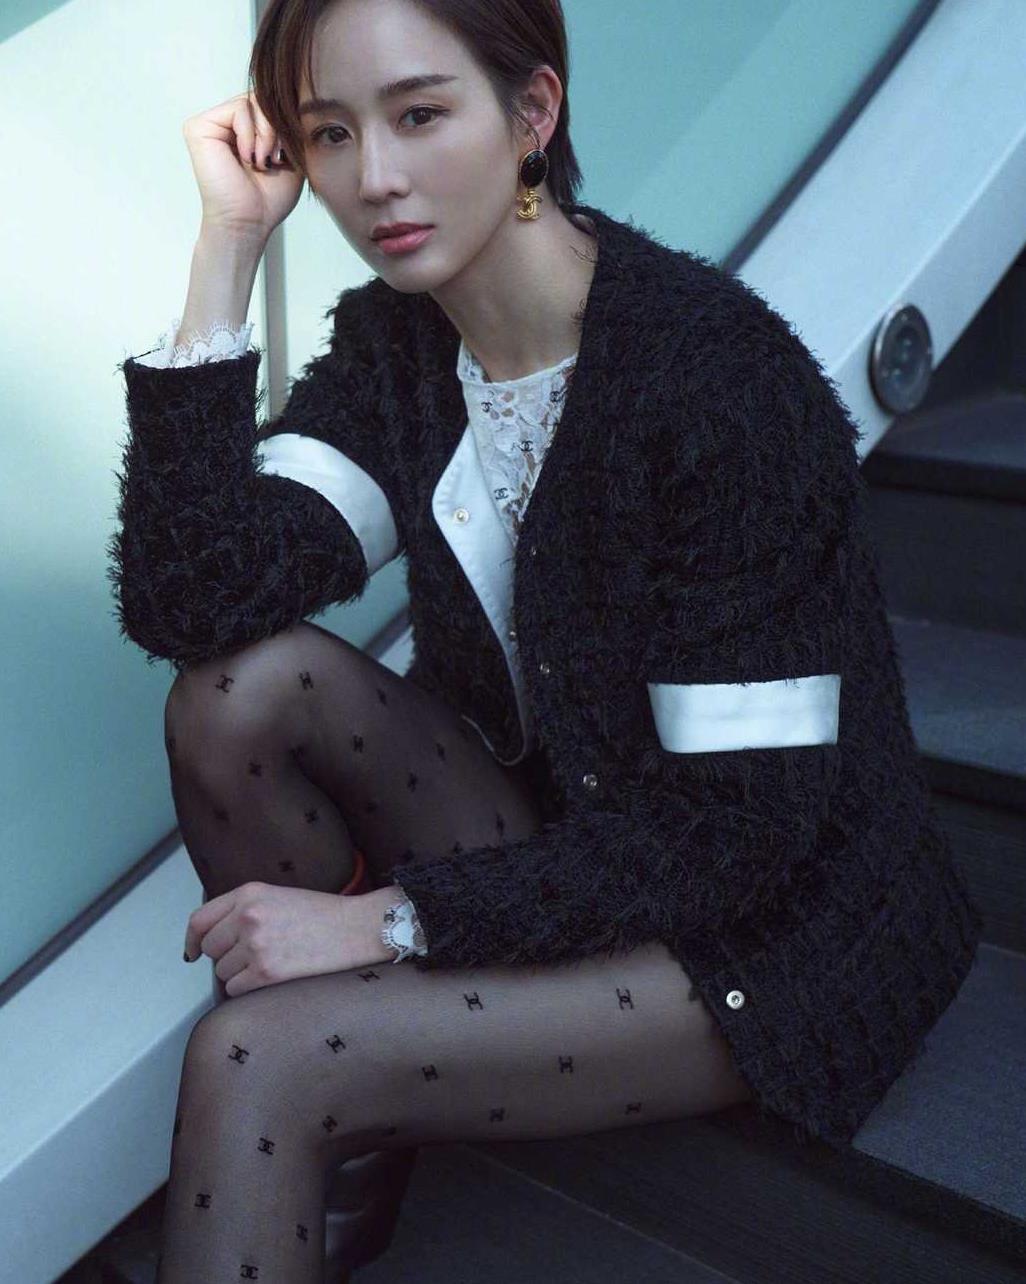 张钧甯的黑丝造型太惊艳,配小香风外套+短裤,短发仍然是万人迷